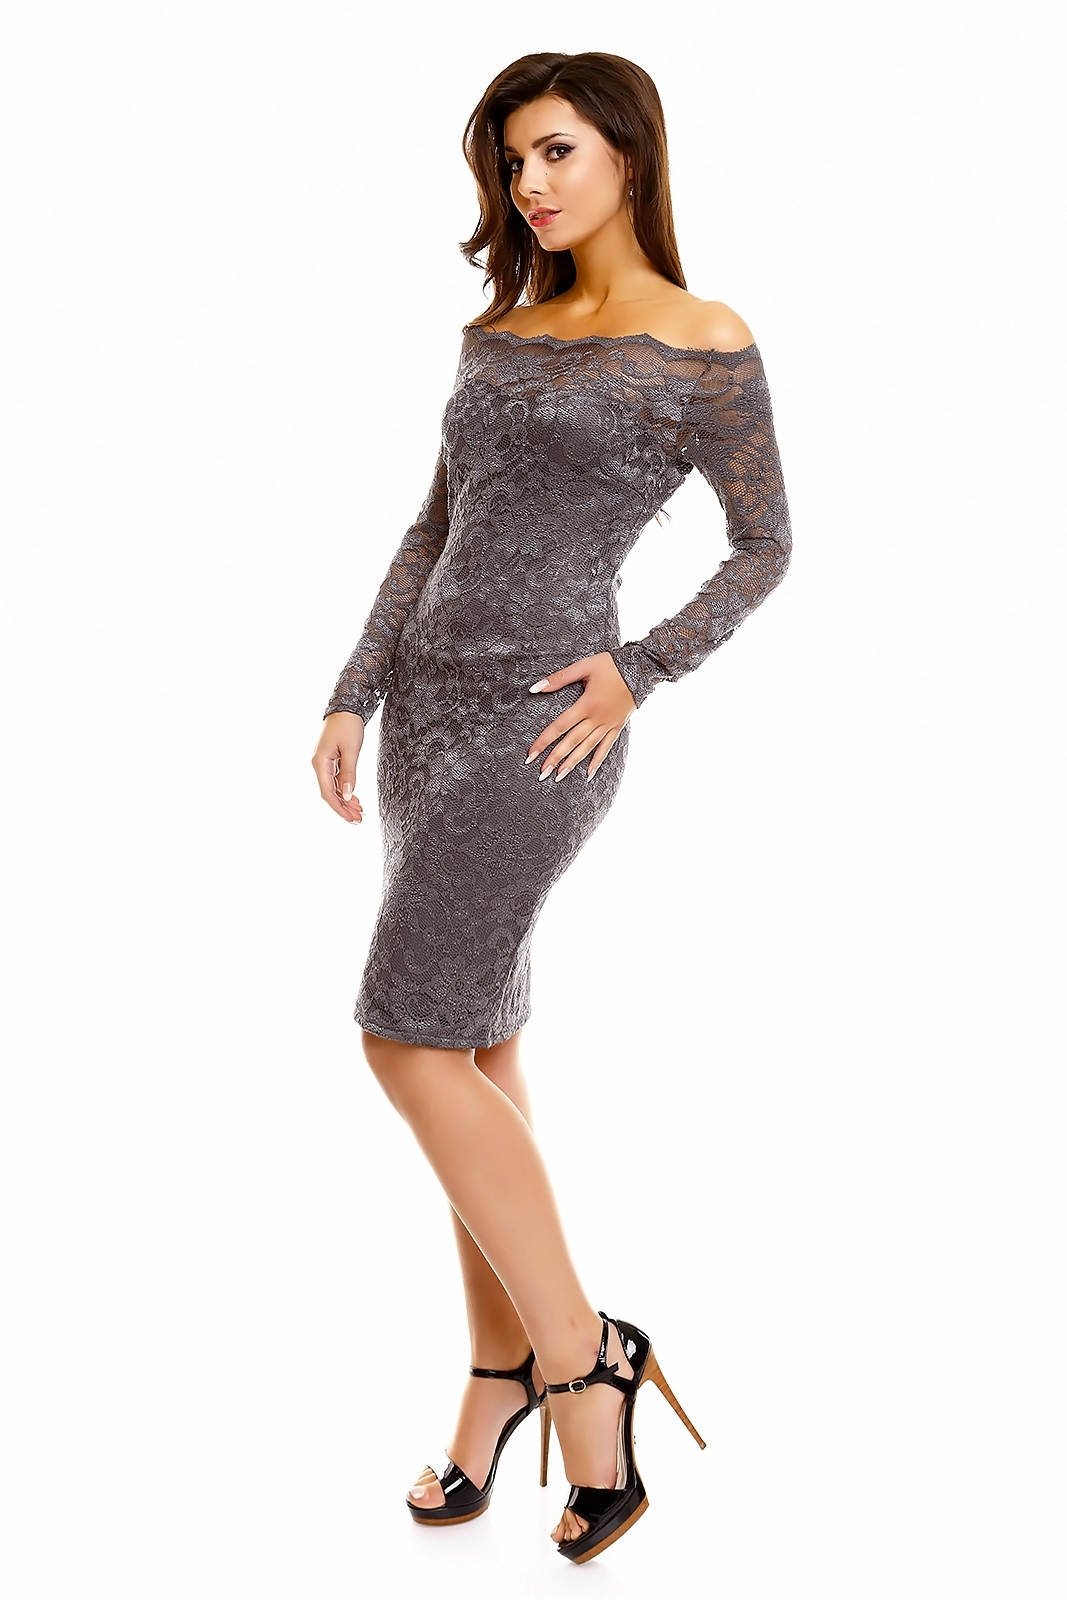 Dámske spoločenské šaty MAYAADI krajkové s dlhým rukávom krátke tmavo šedé - Šedá / XL - MAYAADI tmavo šedá XL